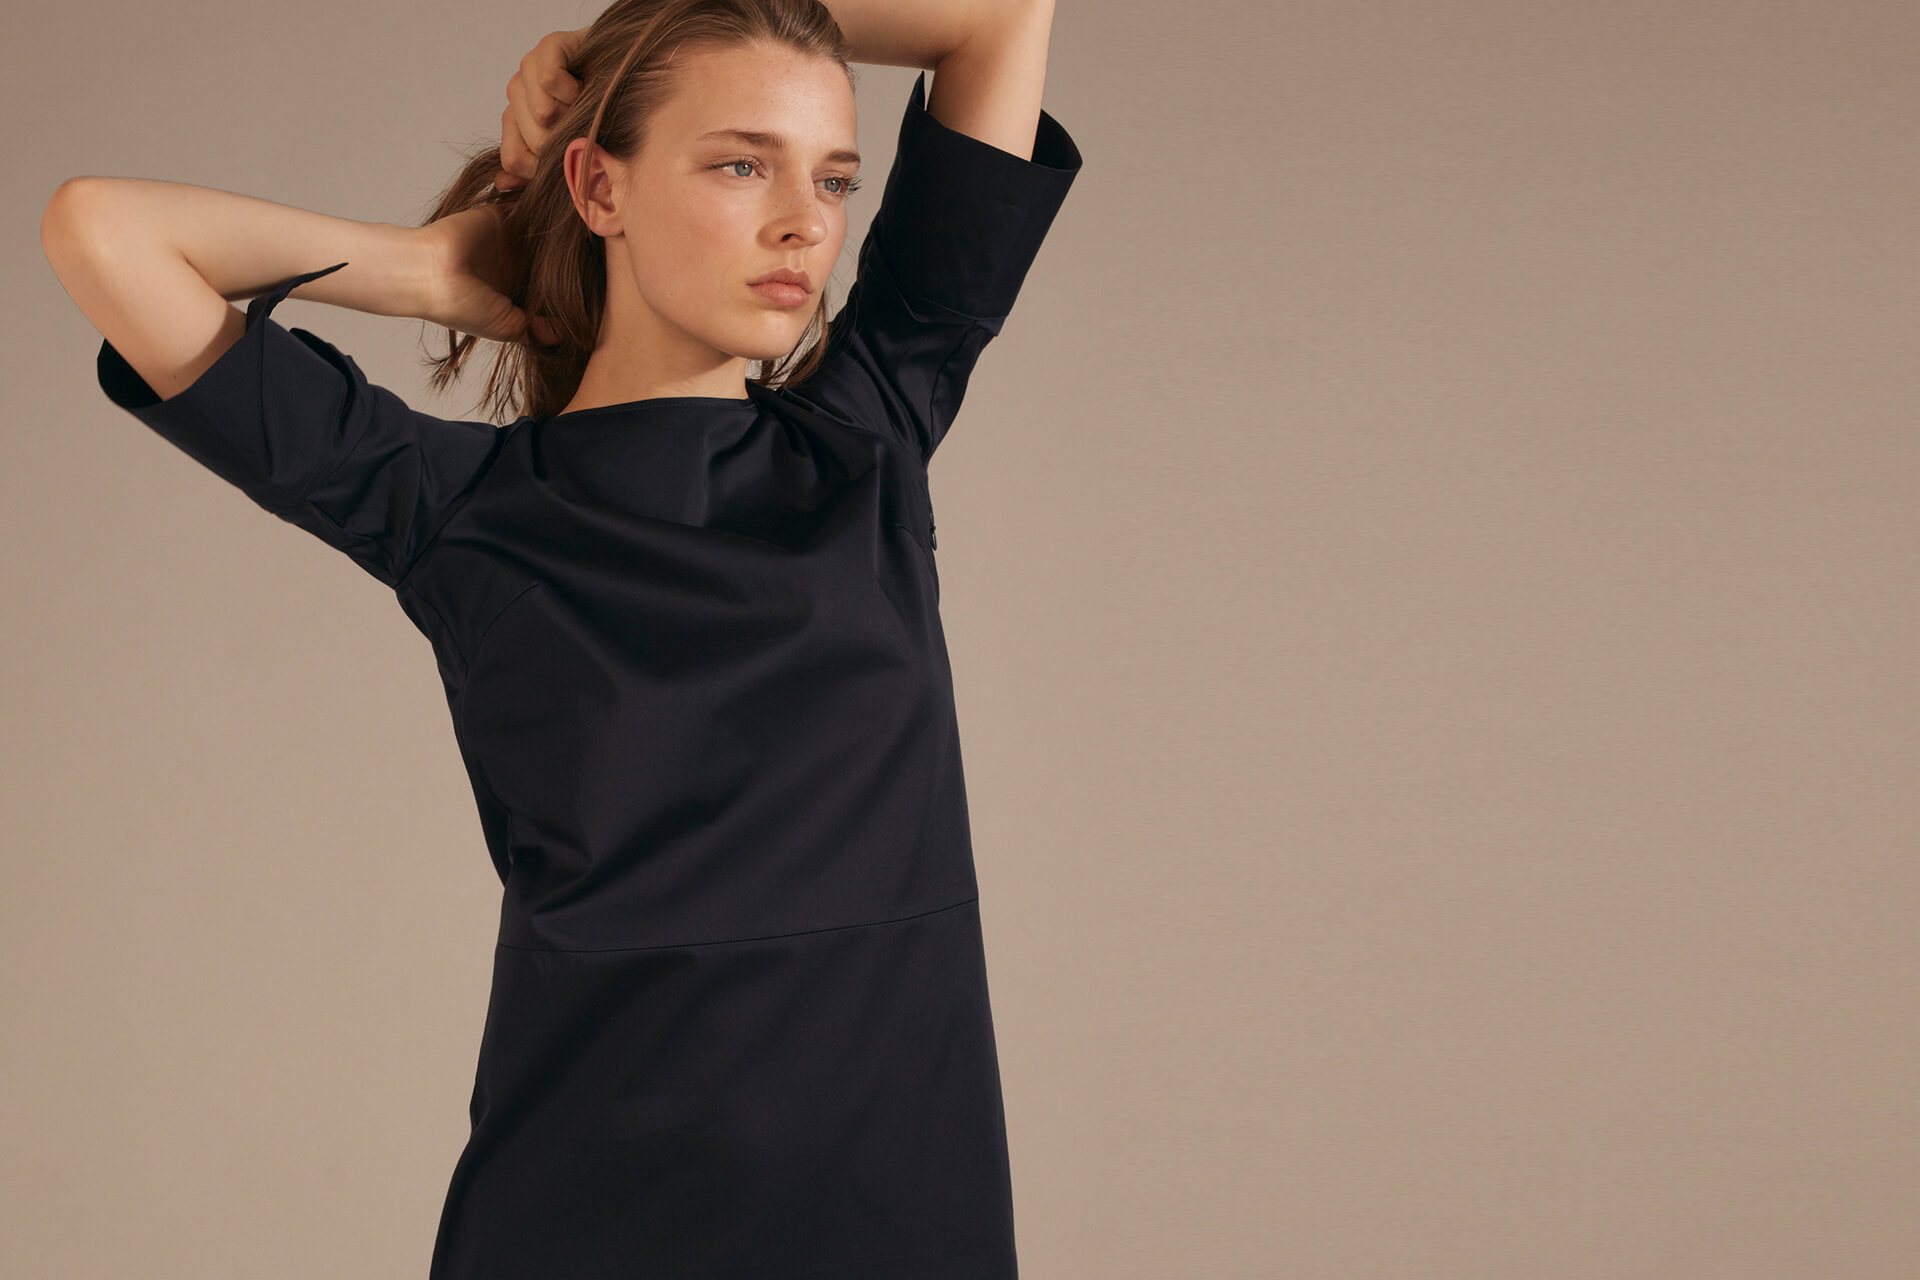 f6ec1aef56f3ec Mode und Accessoires im OPUS Online Shop - jetzt Kleidung online kaufen